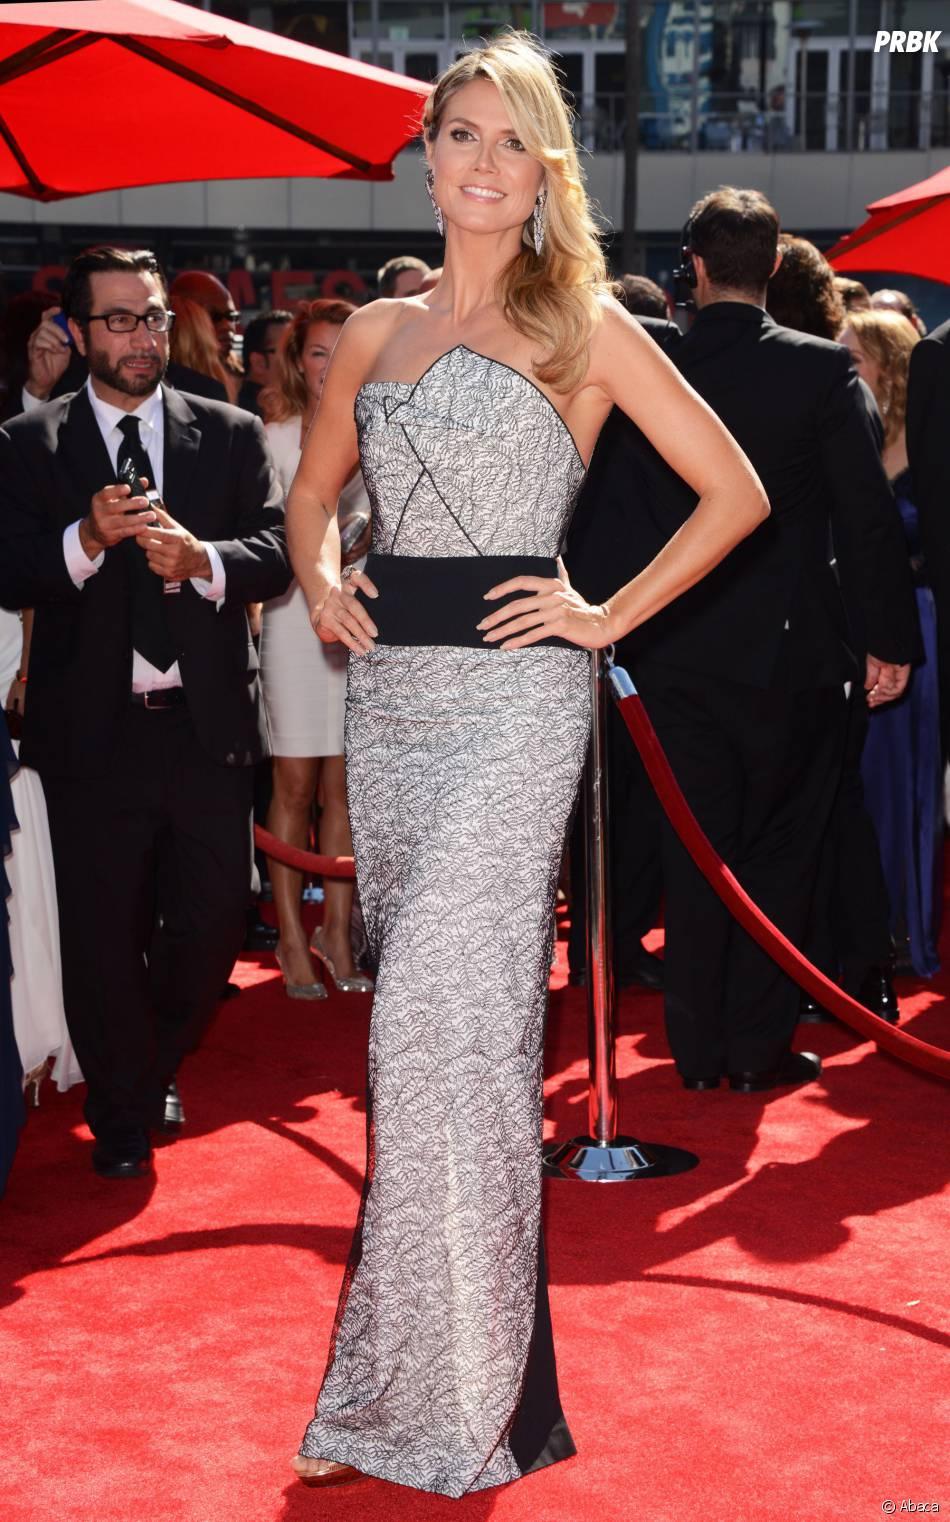 Heidi Klum sur le tapis-rouge des Creative Arts Emmy Awards 2013 le 15 septembre 2013